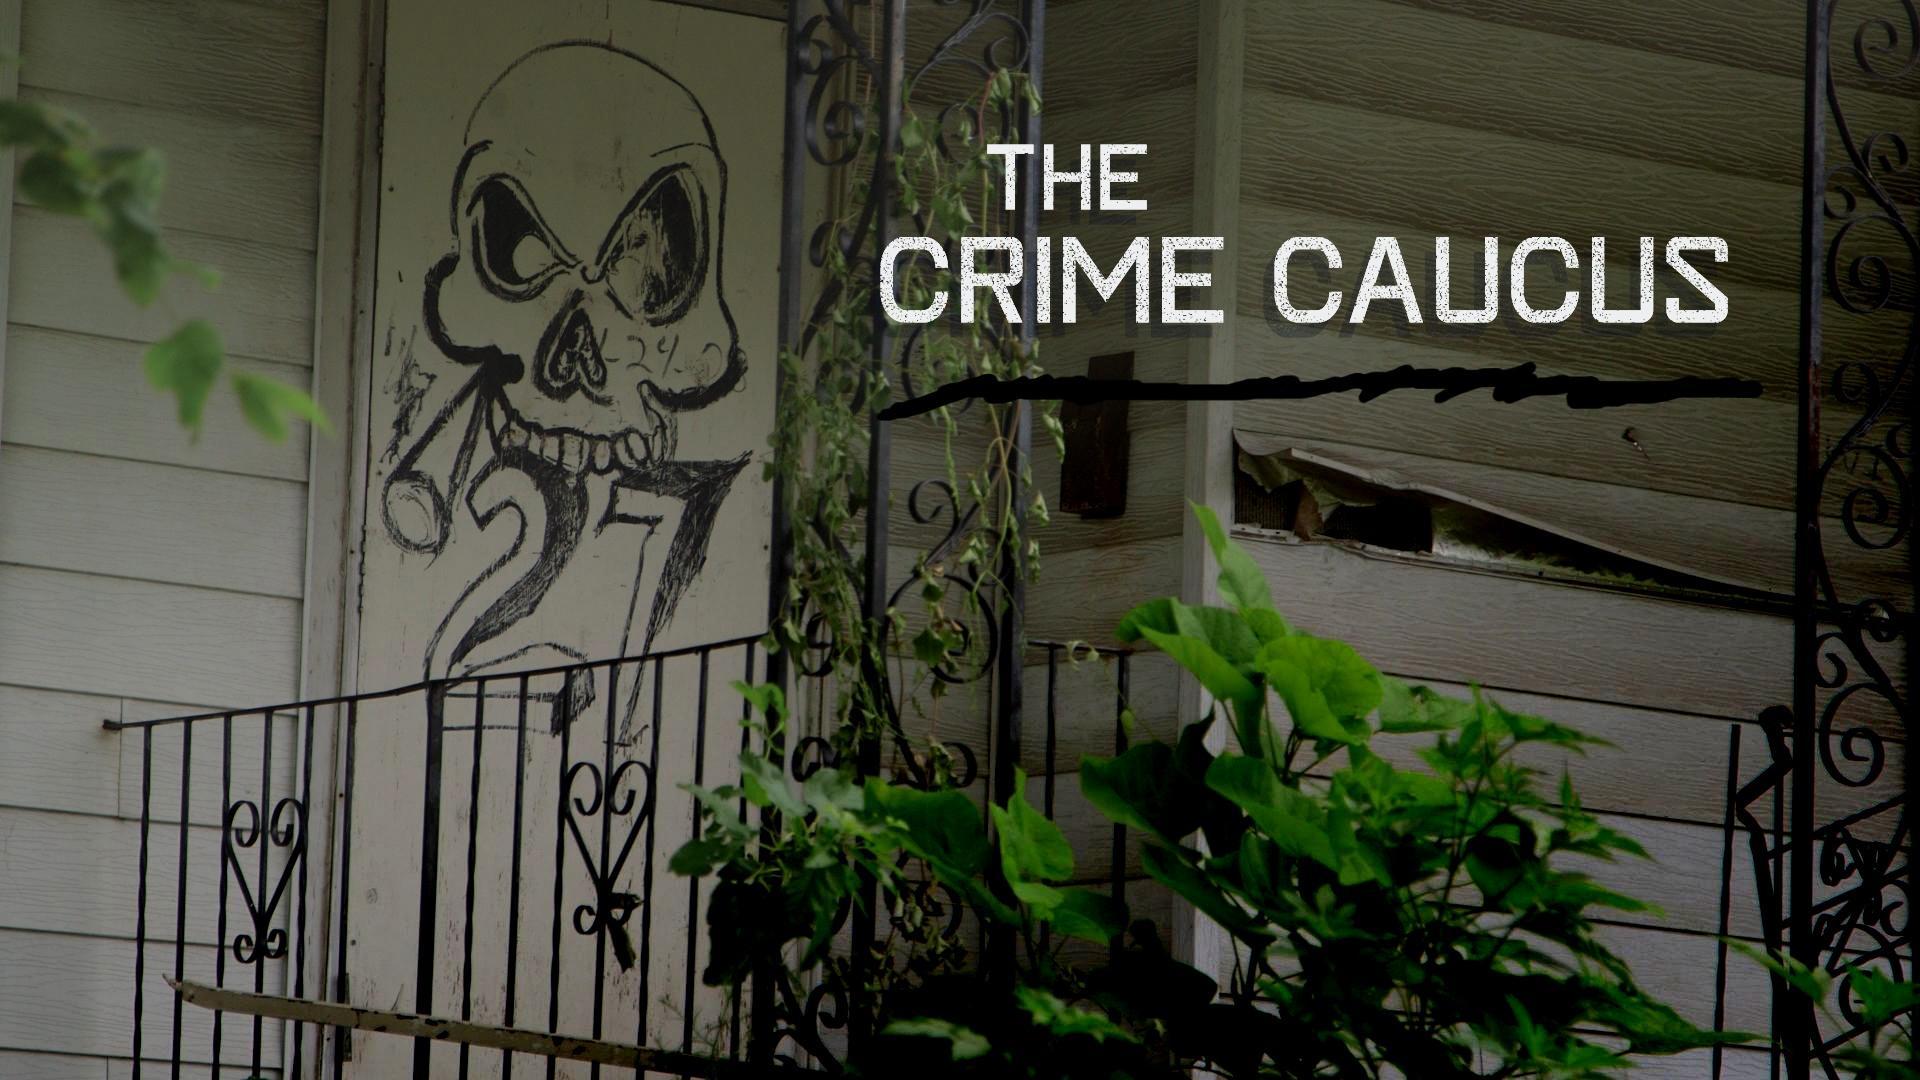 The Crime Caucus